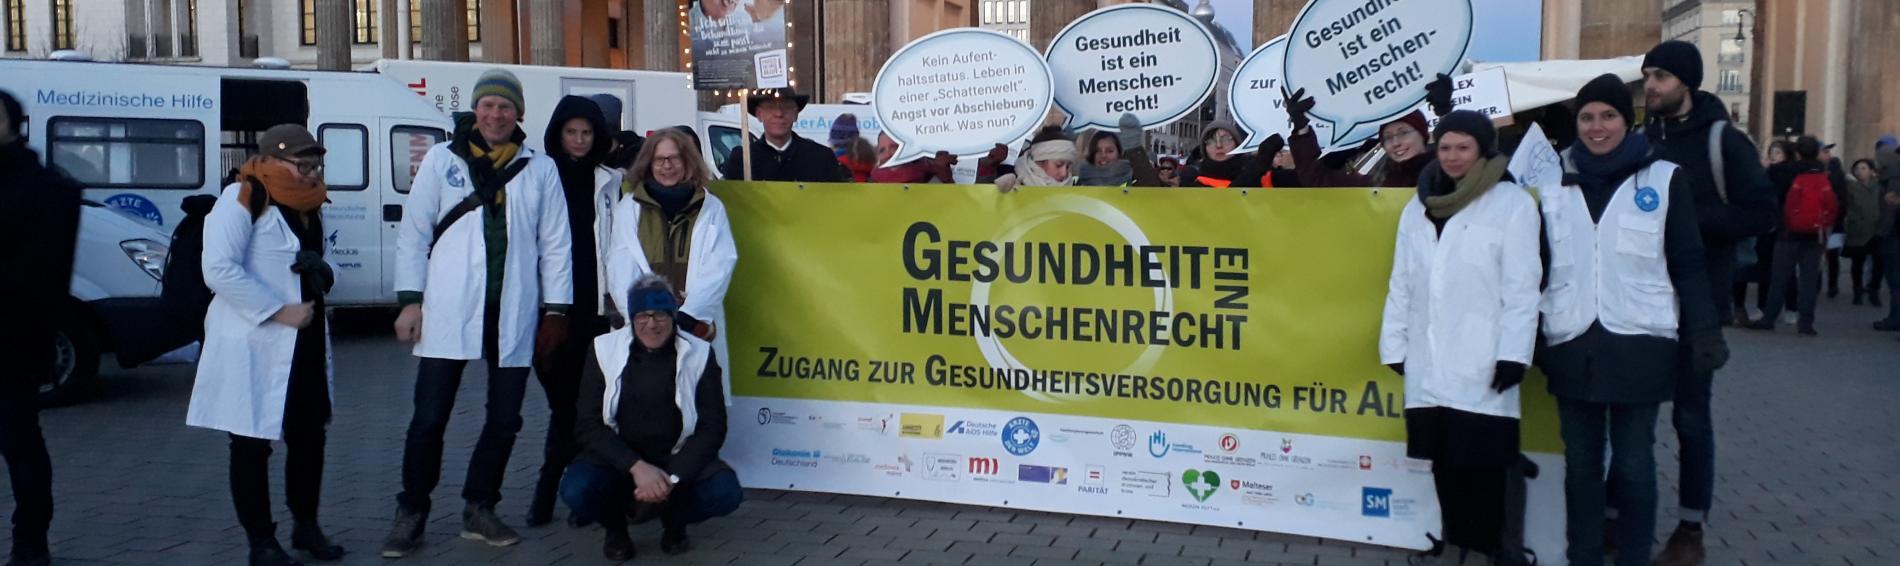 Kundgebung am Brandenburger Tor in Berlin. Foto: Ute Zurmühl